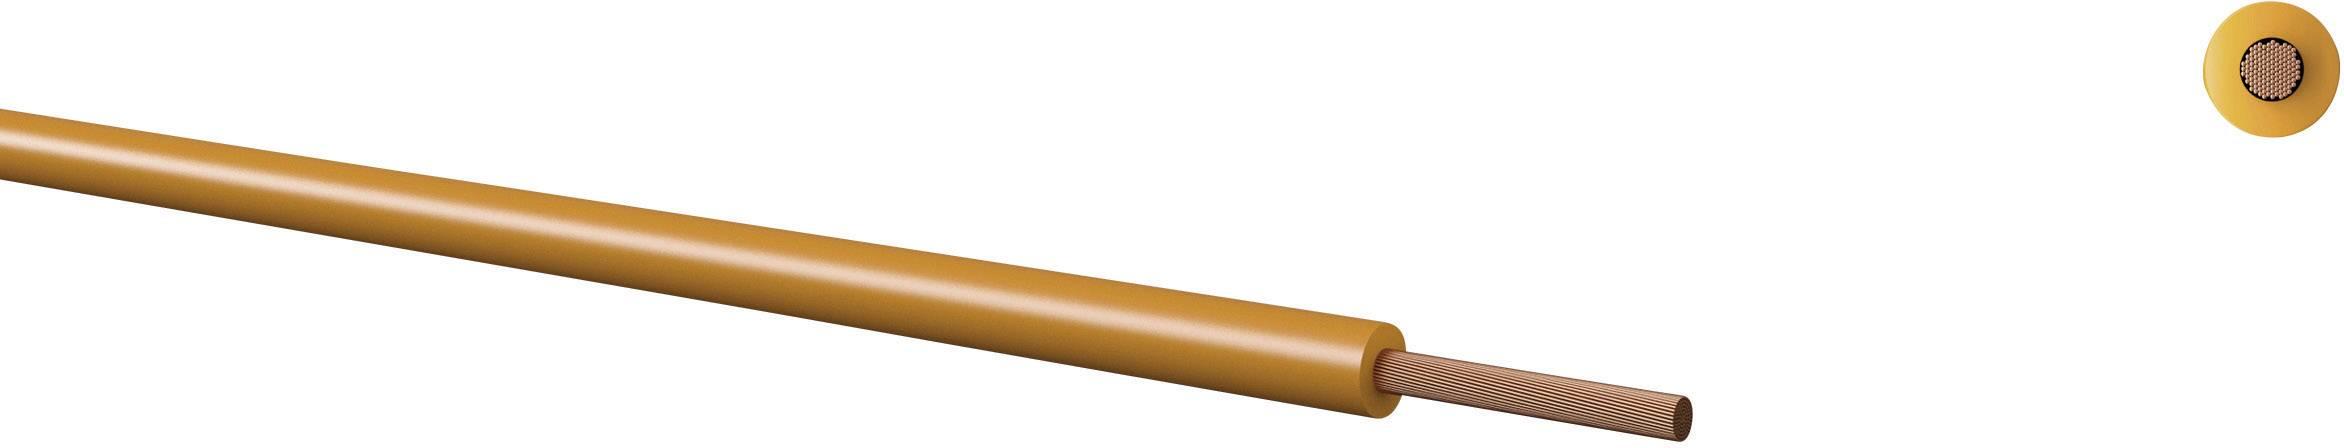 Opletenie / lanko Kabeltronik 160102504 LiFY, 1 x 0.25 mm², vonkajší Ø 1.40 mm, metrový tovar, žltá